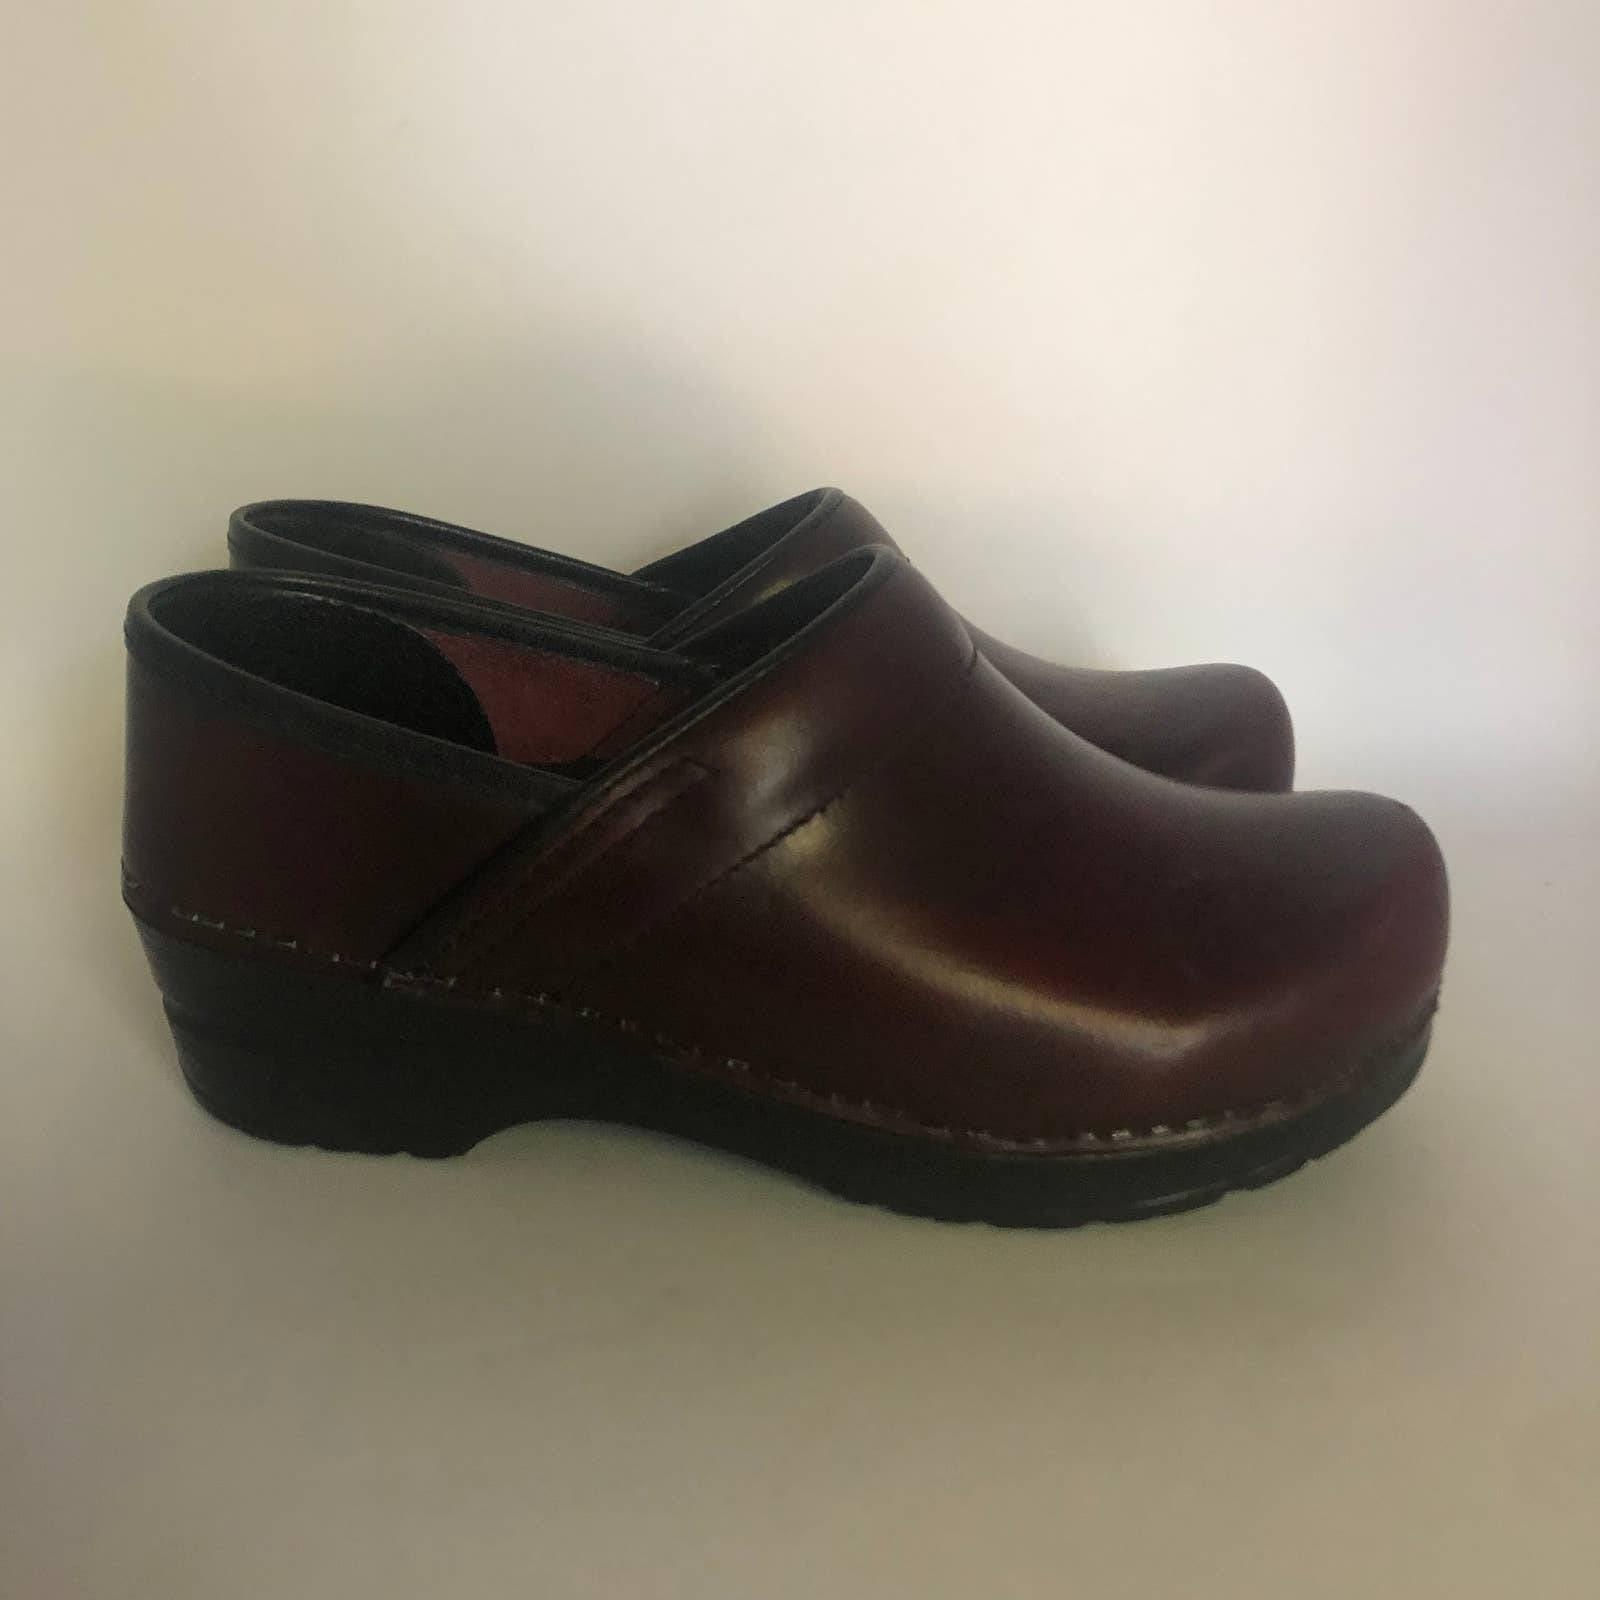 Sanita Leather Clogs Nursing Size 5/36